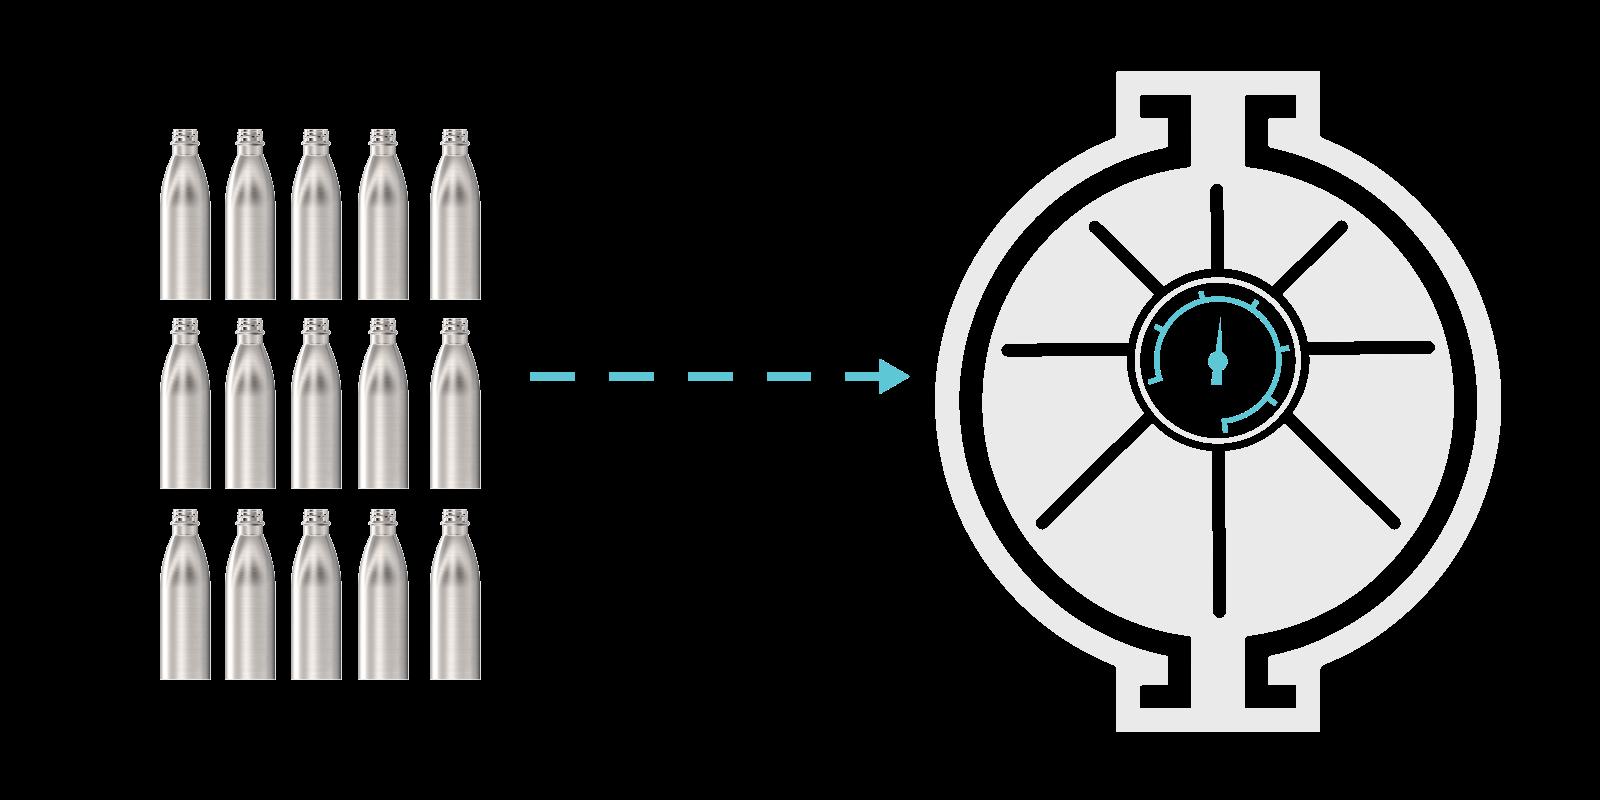 Cómo hacemos nuestras botellas de agua de metal - Step5